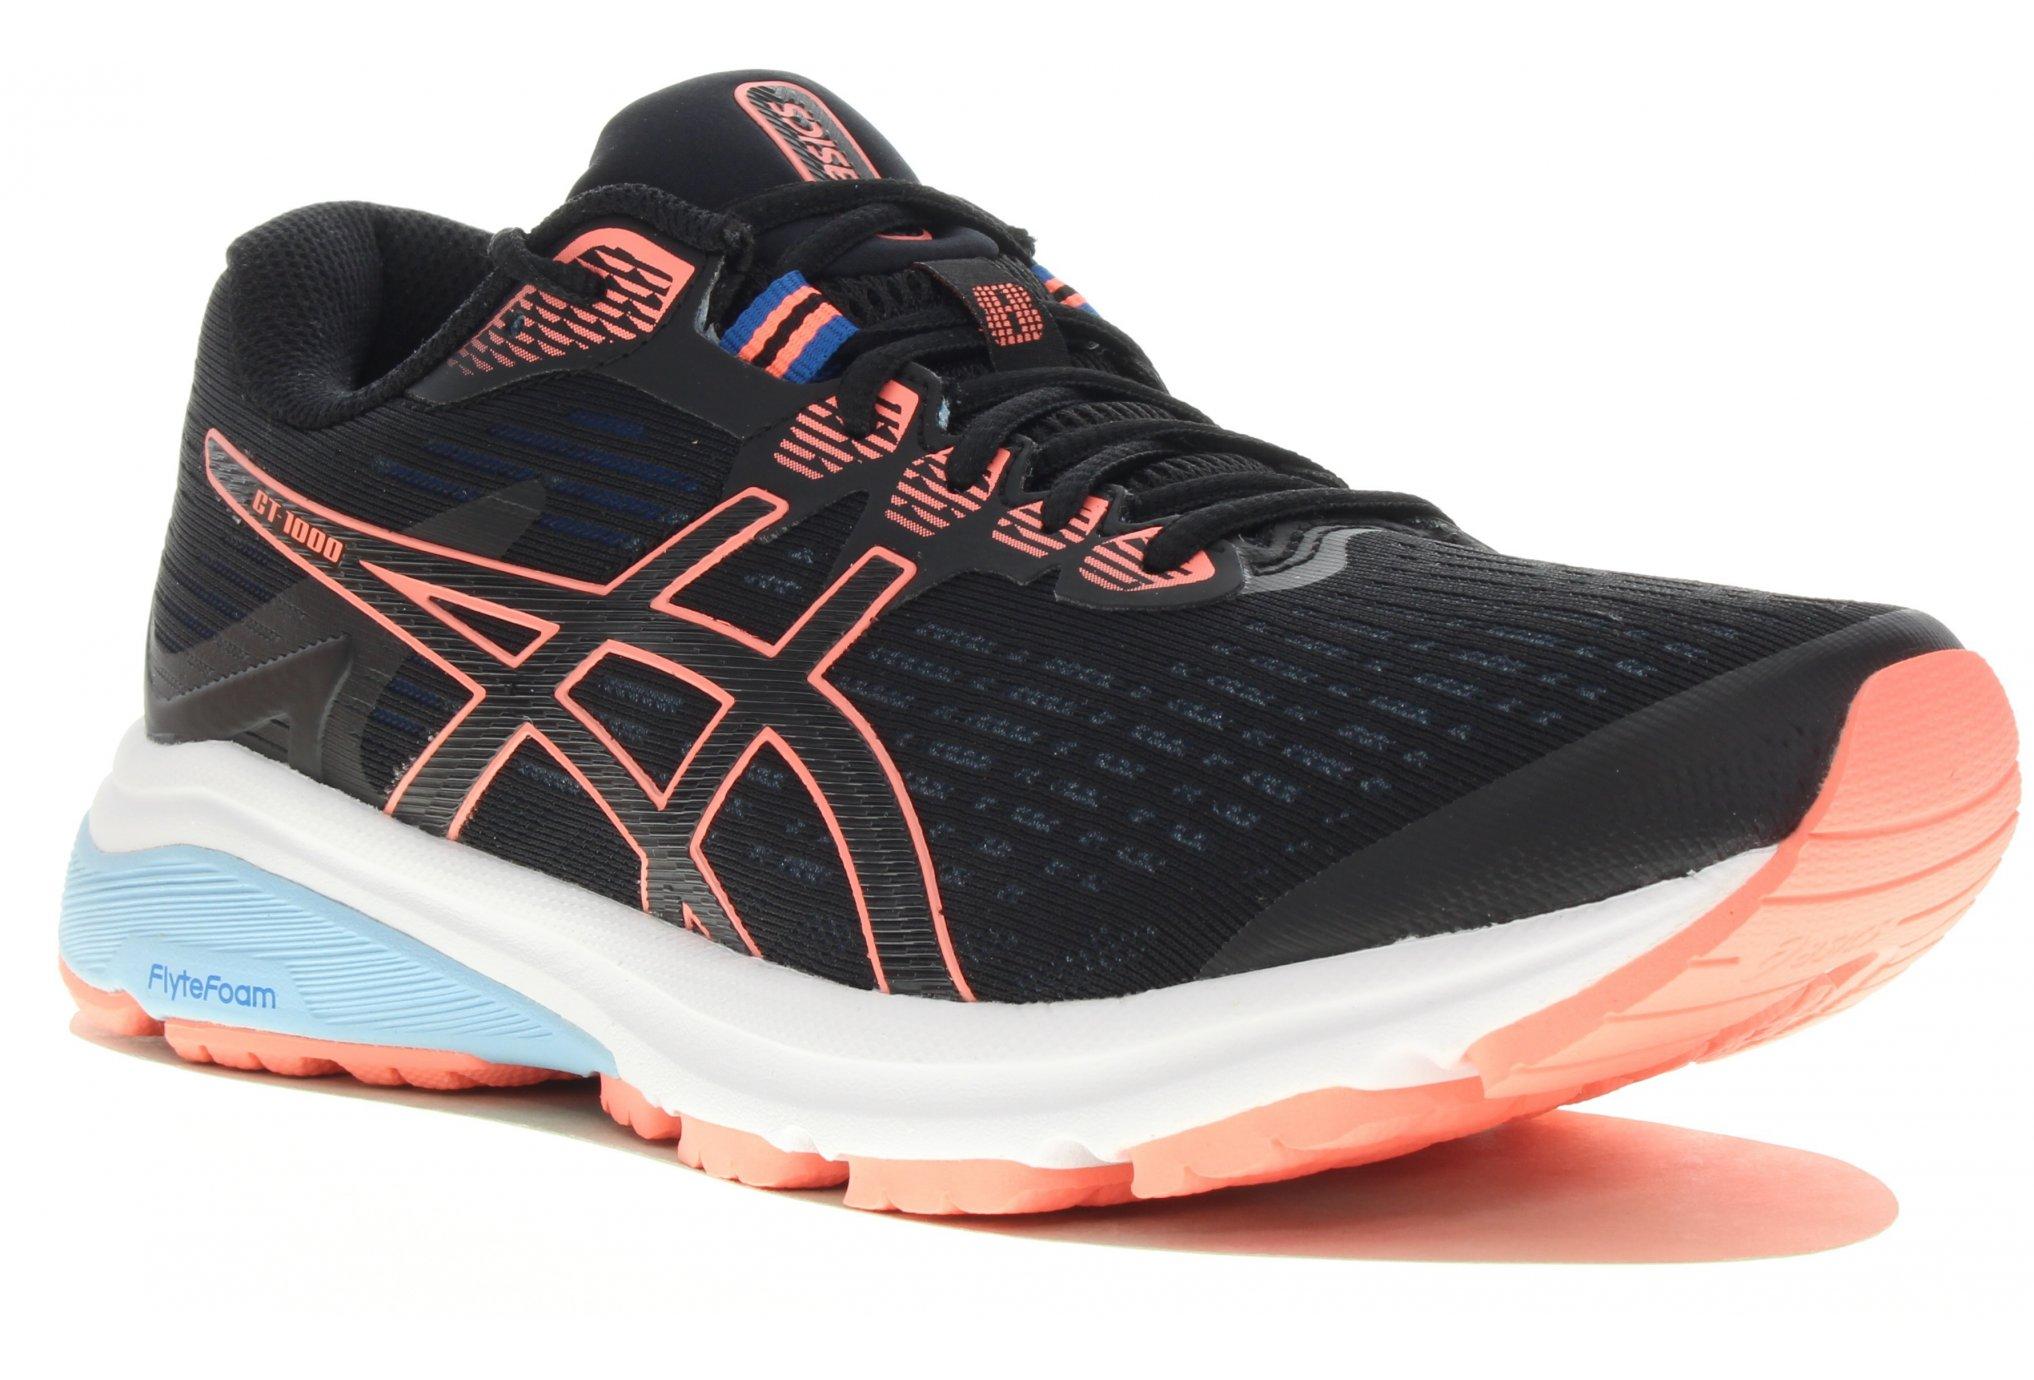 Asics GT-1000 8 W Chaussures running femme